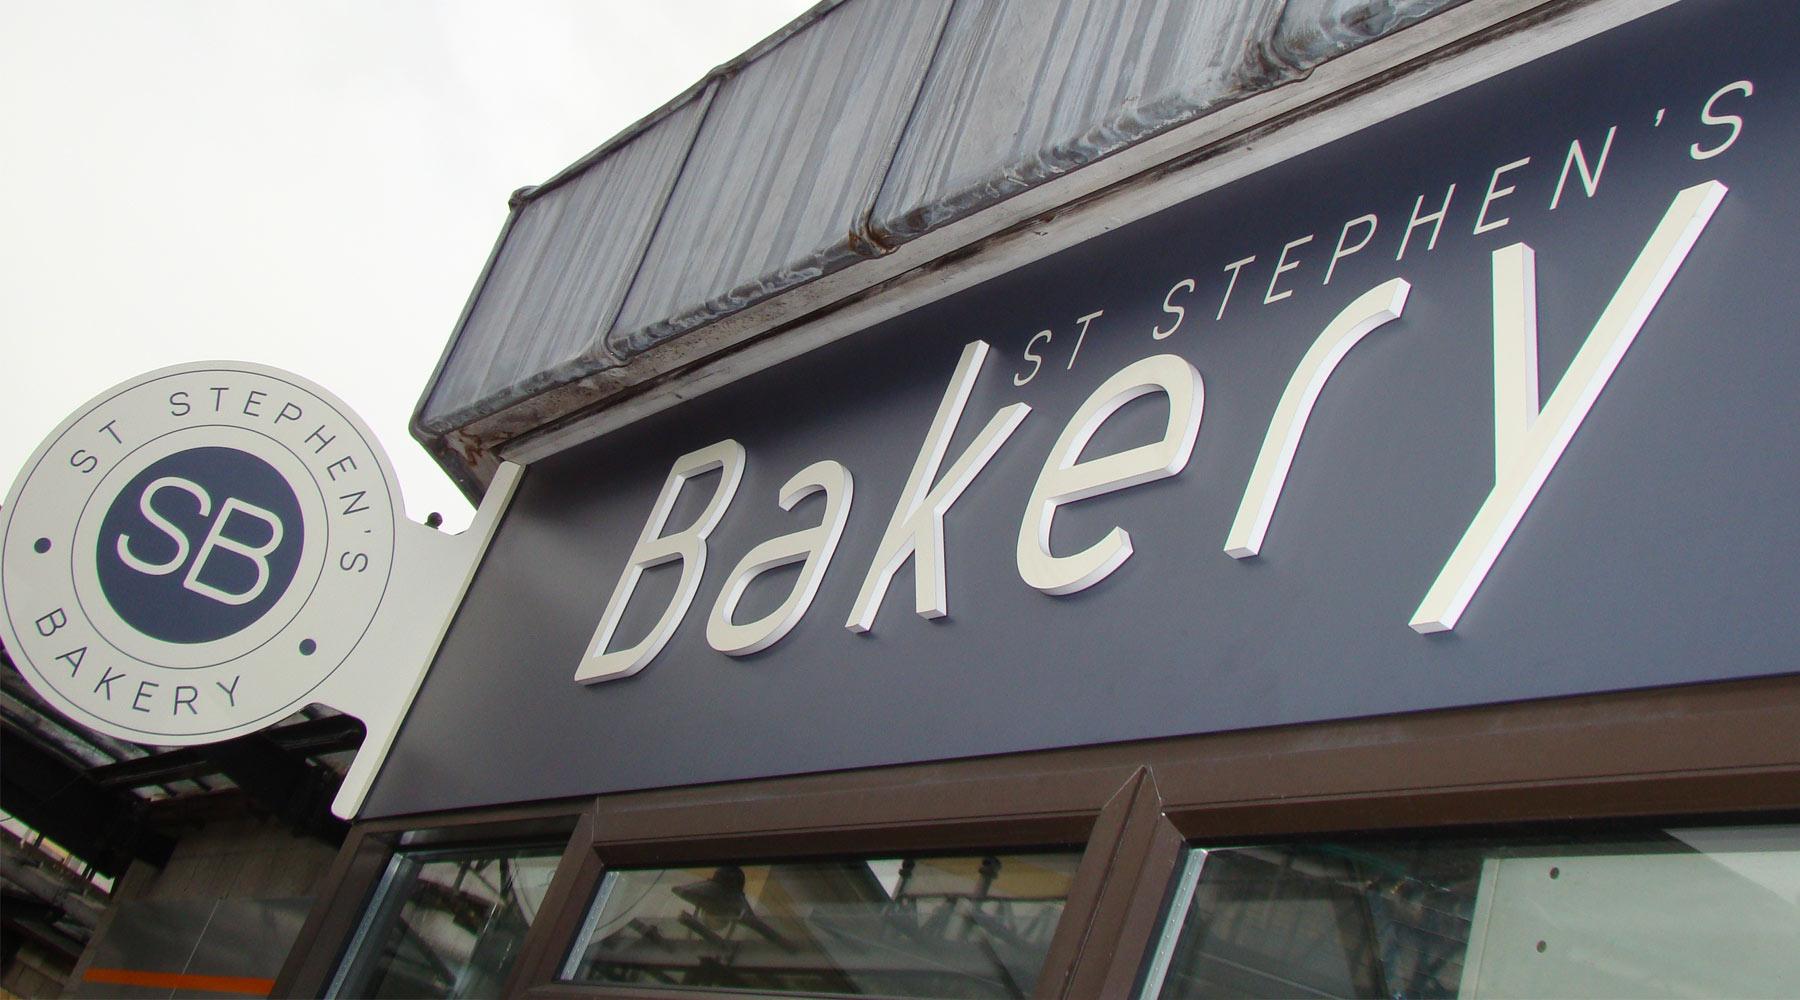 St Stephen's Bakery